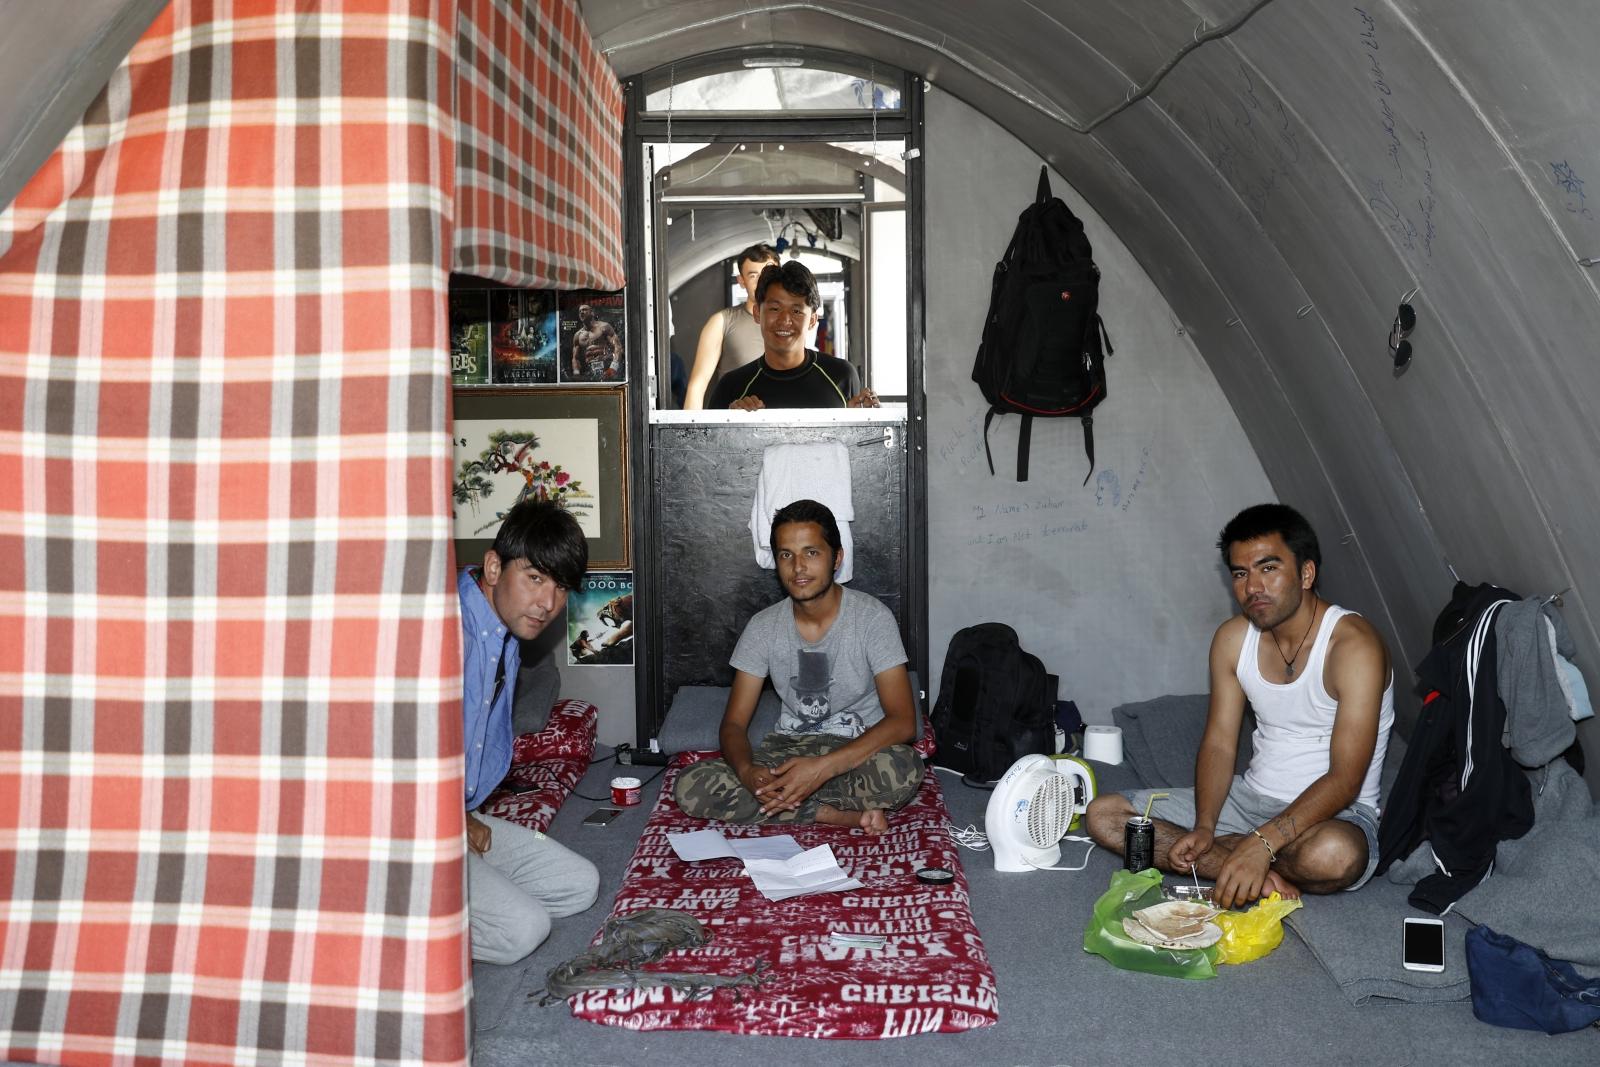 Simonetta Sommaruga, członek Szwajcarskiej Rady Federalnej odwiedza obóz dla uchodźców na wyspie Lesbos, Grecja.